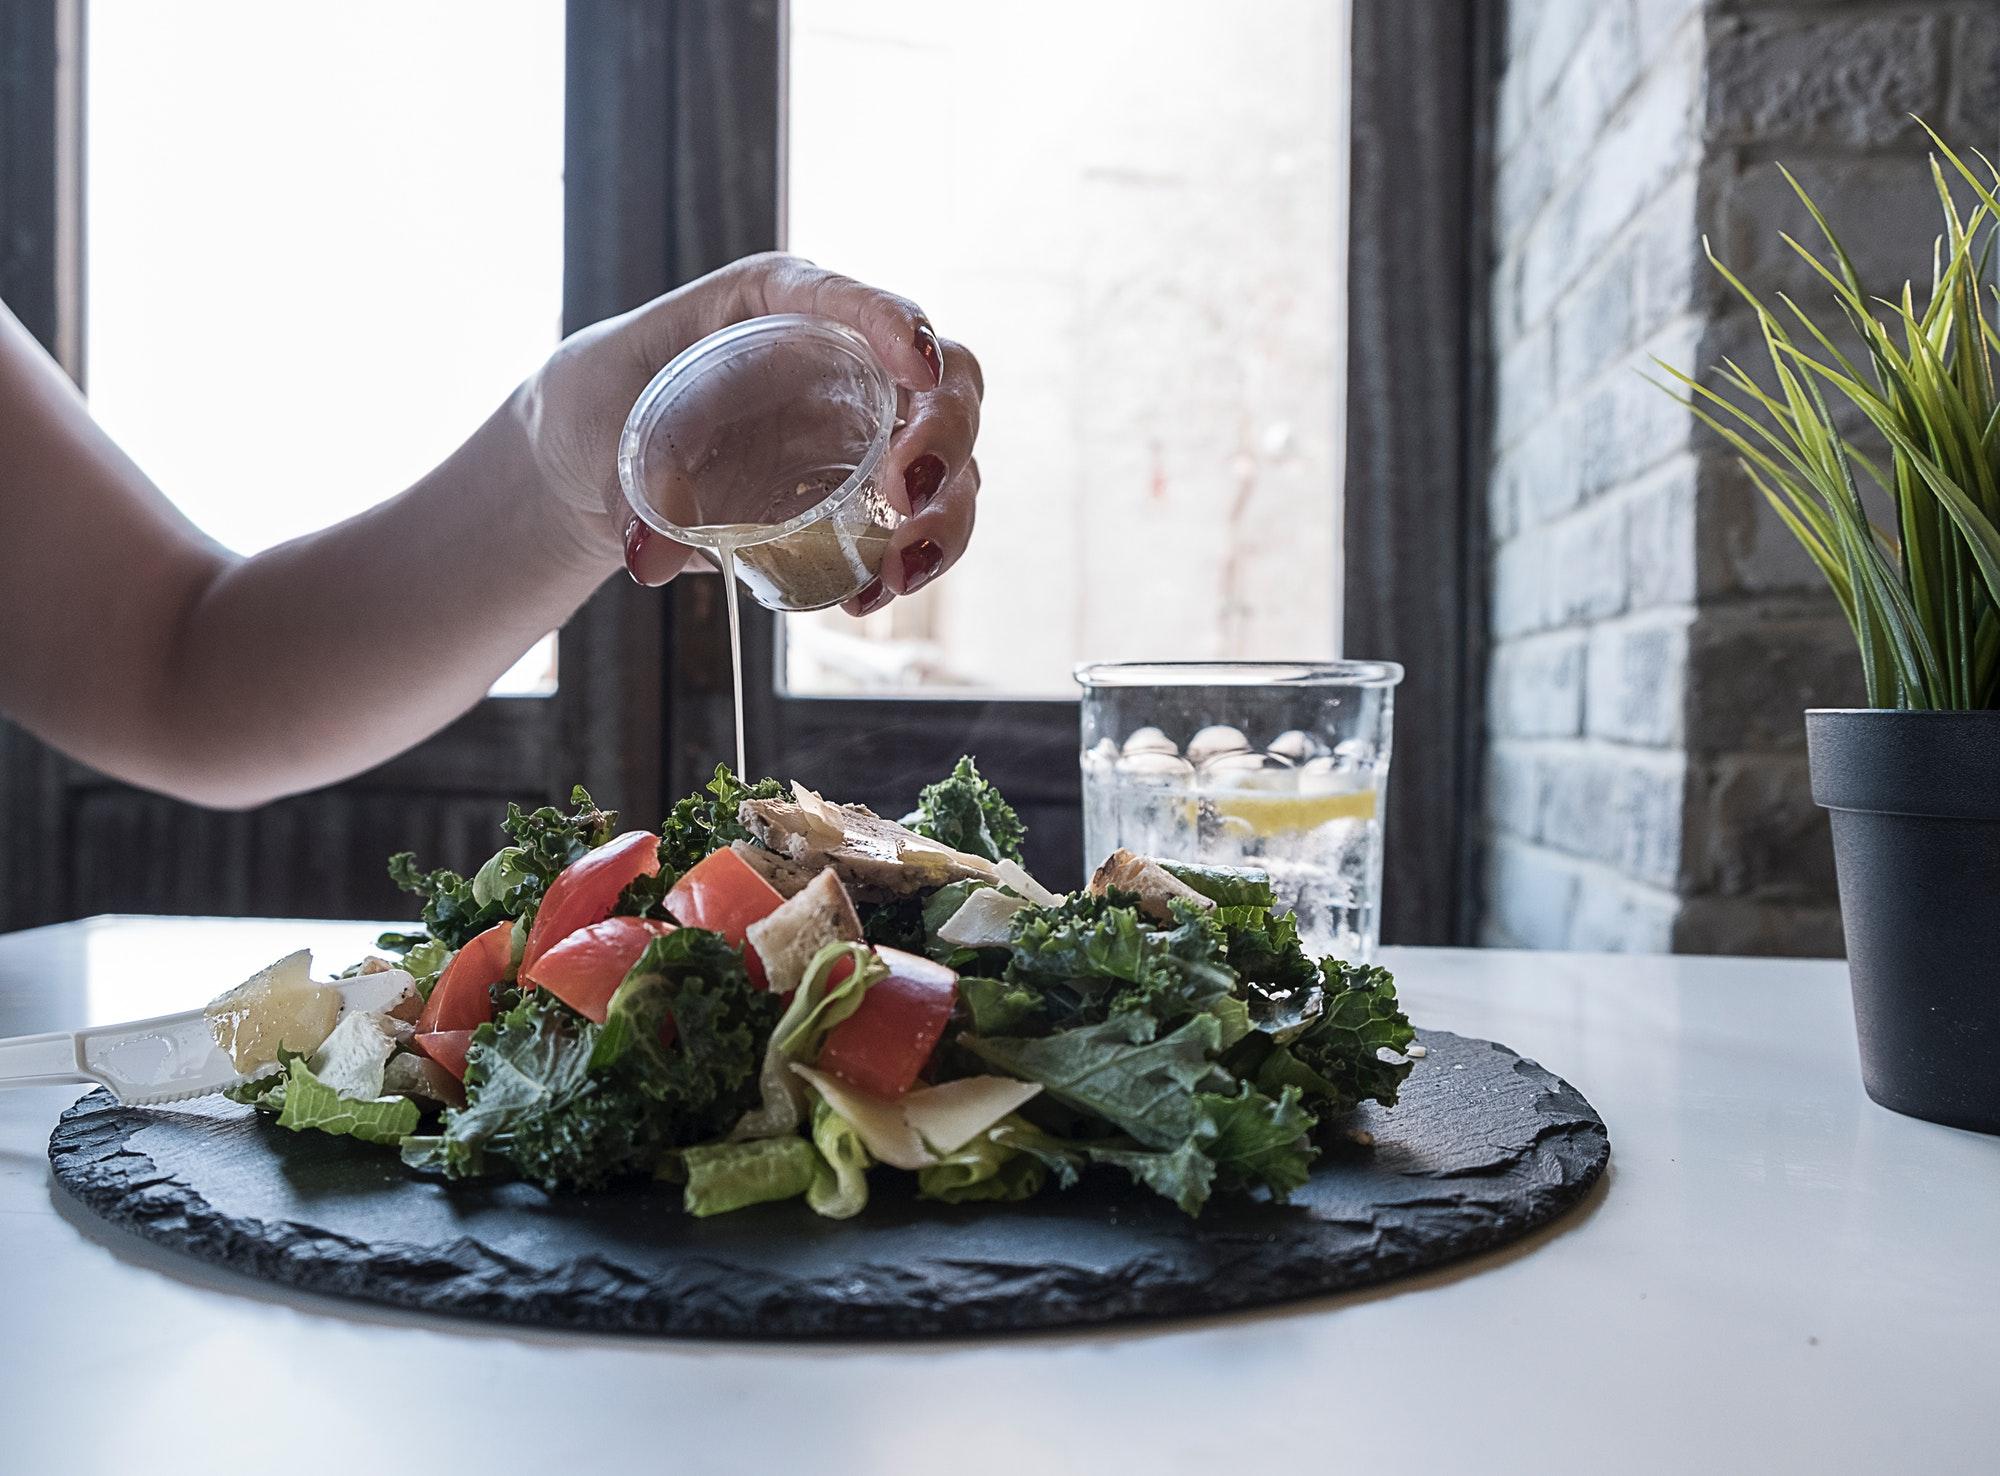 ダイエットに効果的な「MCTオイル」とは?メリット・注意点まとめ